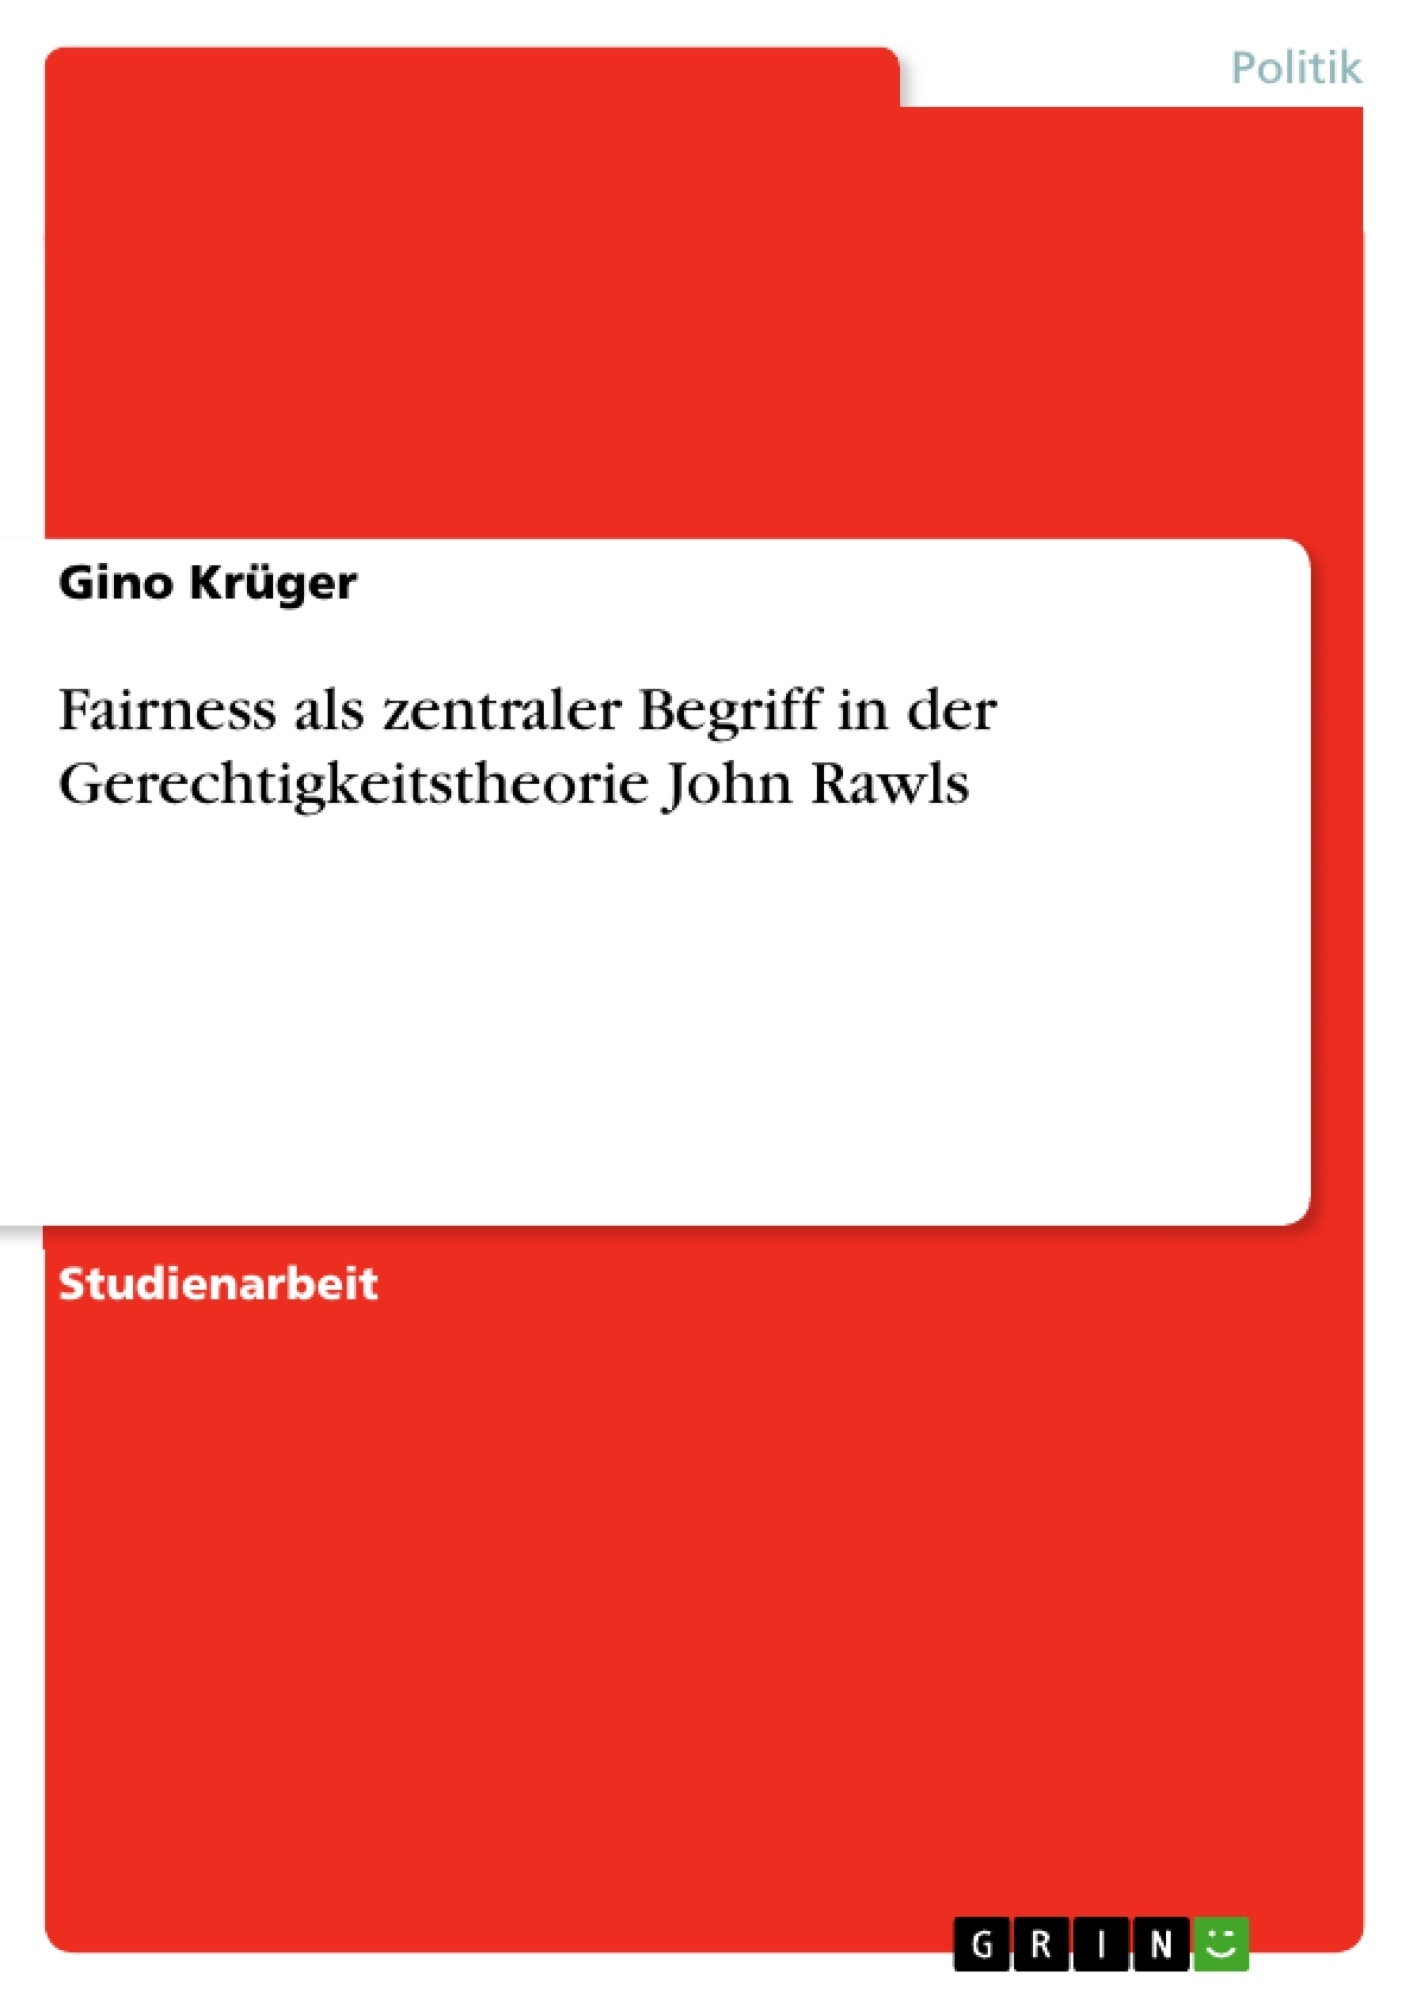 Titel: Fairness als zentraler Begriff in der Gerechtigkeitstheorie John Rawls